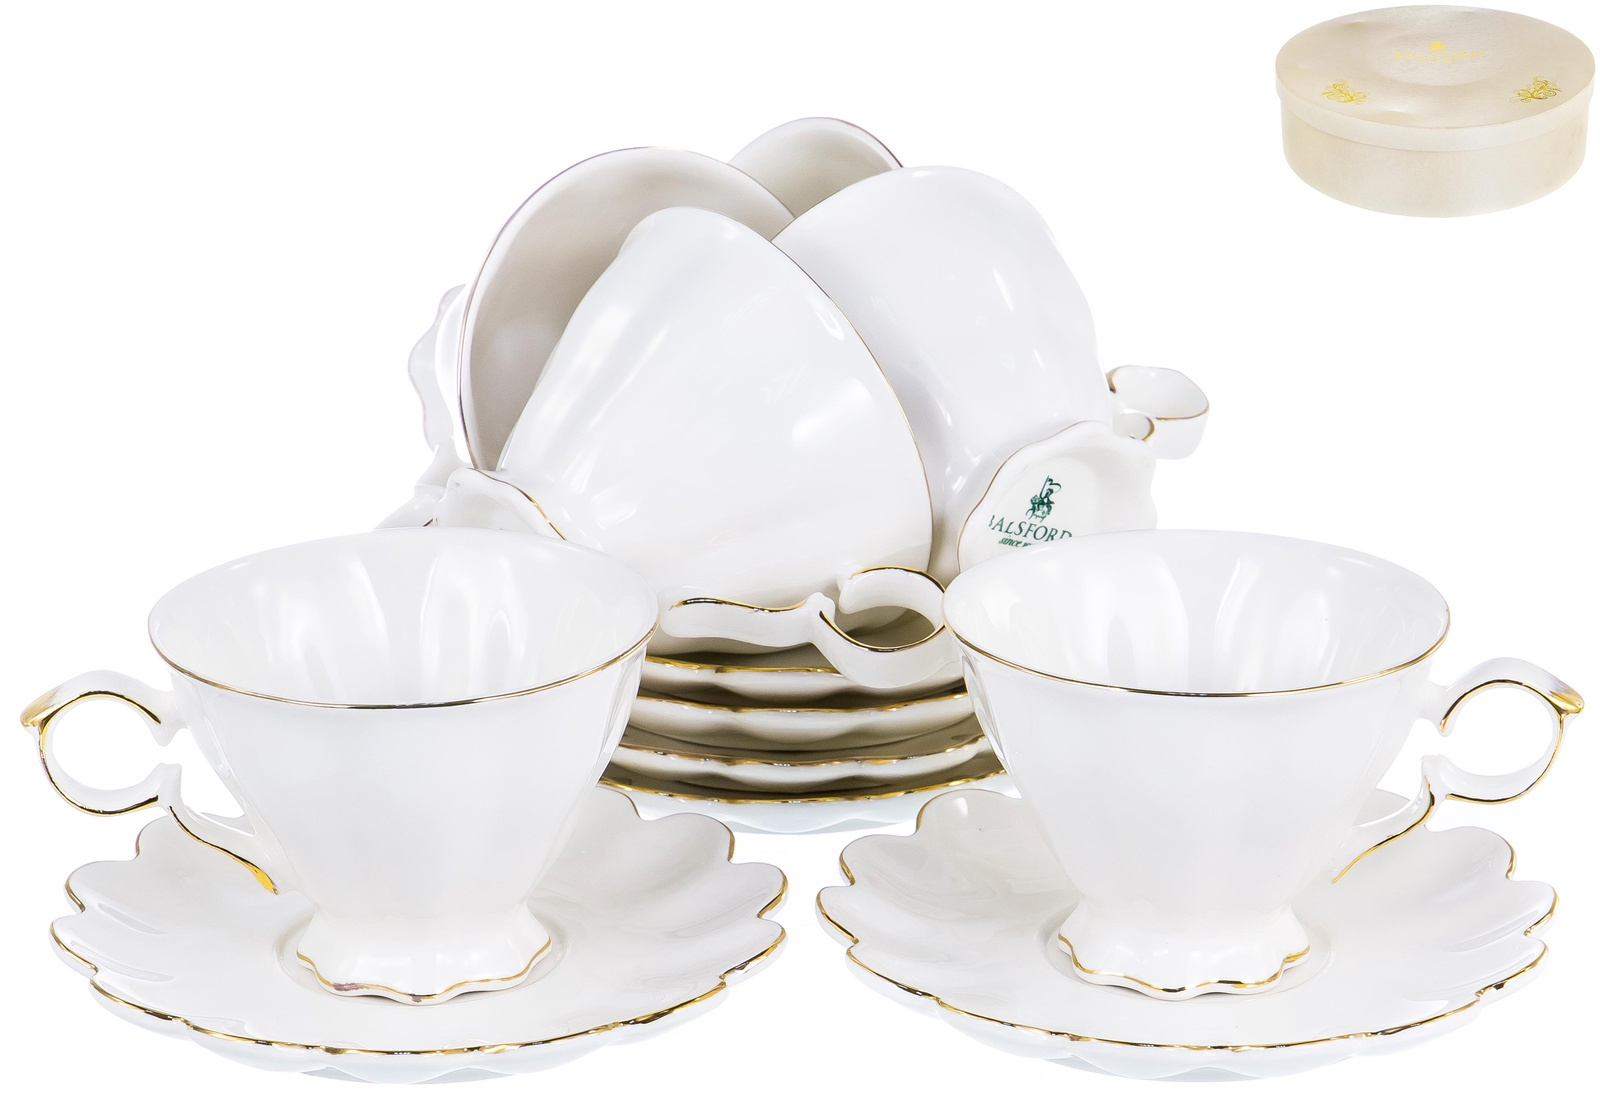 ГРАЦИЯ, набор чайный, 6 чашек 250мл, 6 блюдец, NEW BONE CHINA, декор белоснежный с золотом, подарочная упаковка, ТМ Balsford, артикул 101-29014 стоимость